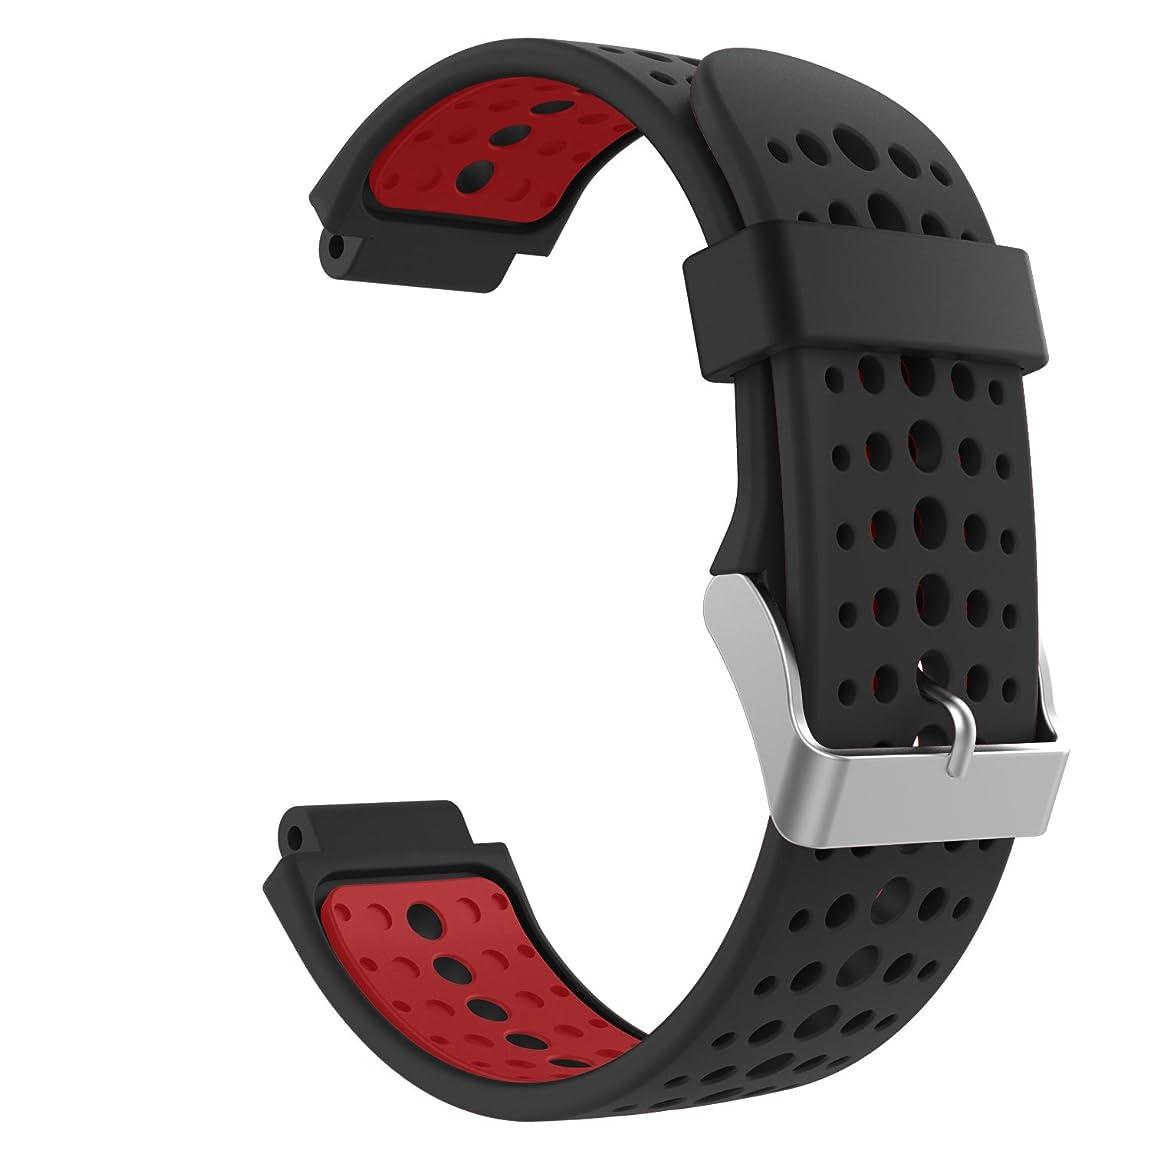 議題目指すパウダーGarmin ForeAthlete 235J バンド - ATiC Garmin ガーミン ForeAthlete/Forerunner 235J/220J/230J/620J/630J/735XTJ /235 Lite ベルト バンド 交換ベルト ソフト 高級 シリコーン製腕時計ストラップ/バンド 交換ベルト